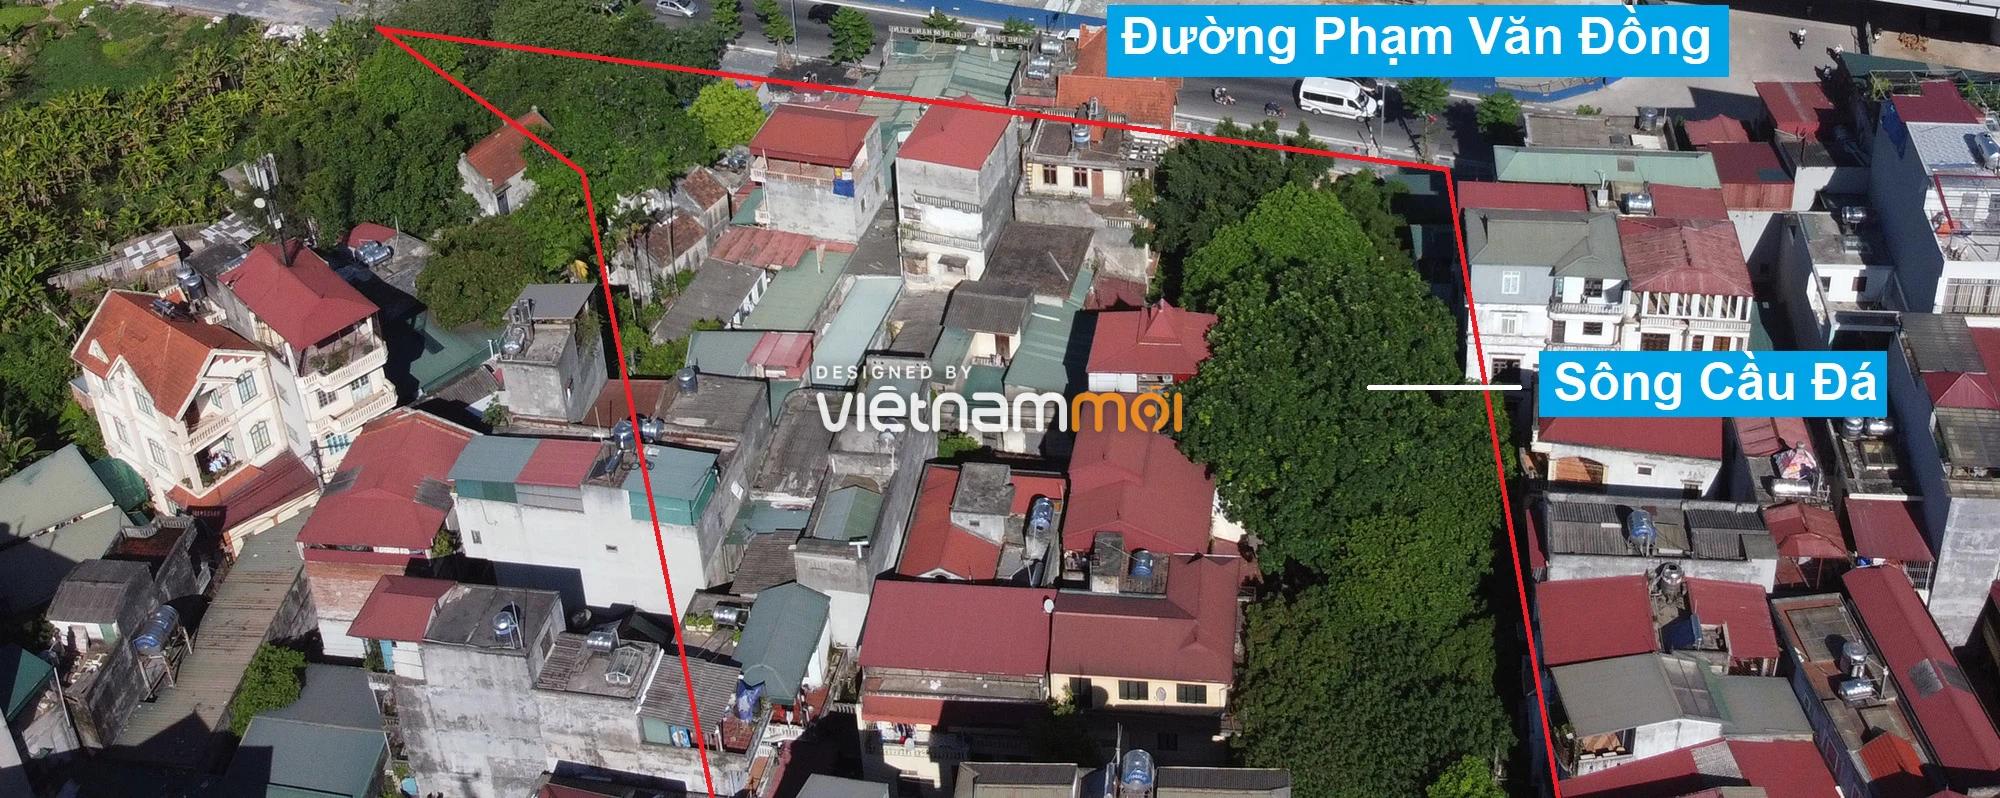 Những khu đất sắp thu hồi để mở đường ở quận Bắc Từ Liêm, Hà Nội (phần 1) - Ảnh 11.